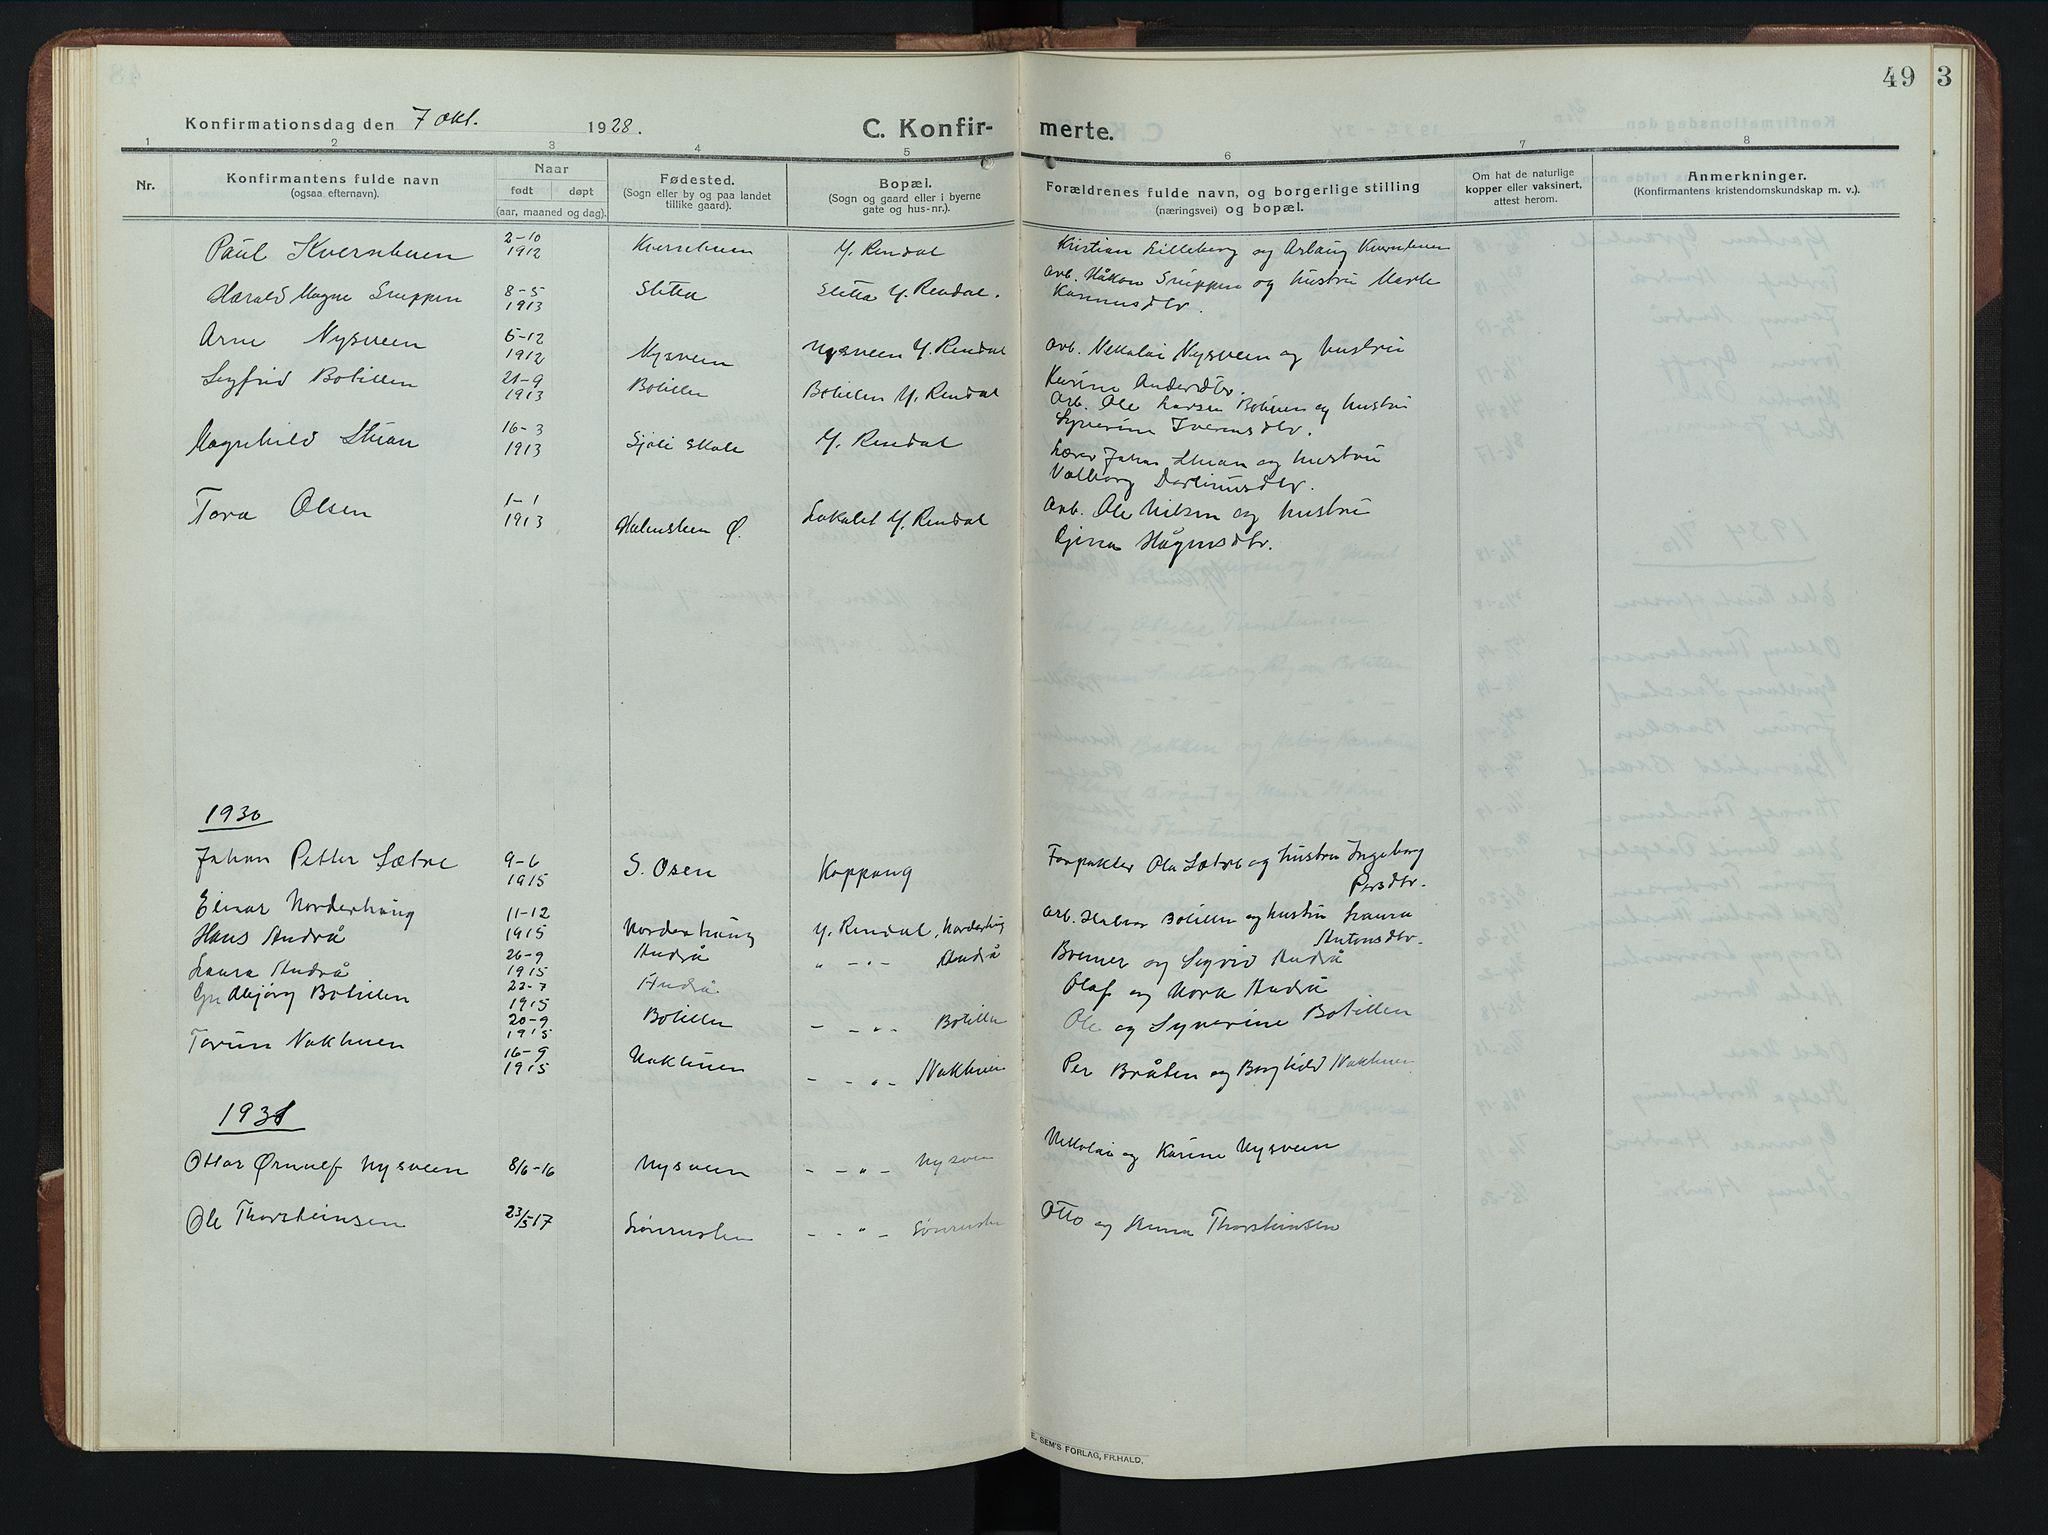 SAH, Rendalen prestekontor, H/Ha/Hab/L0008: Klokkerbok nr. 8, 1914-1948, s. 49